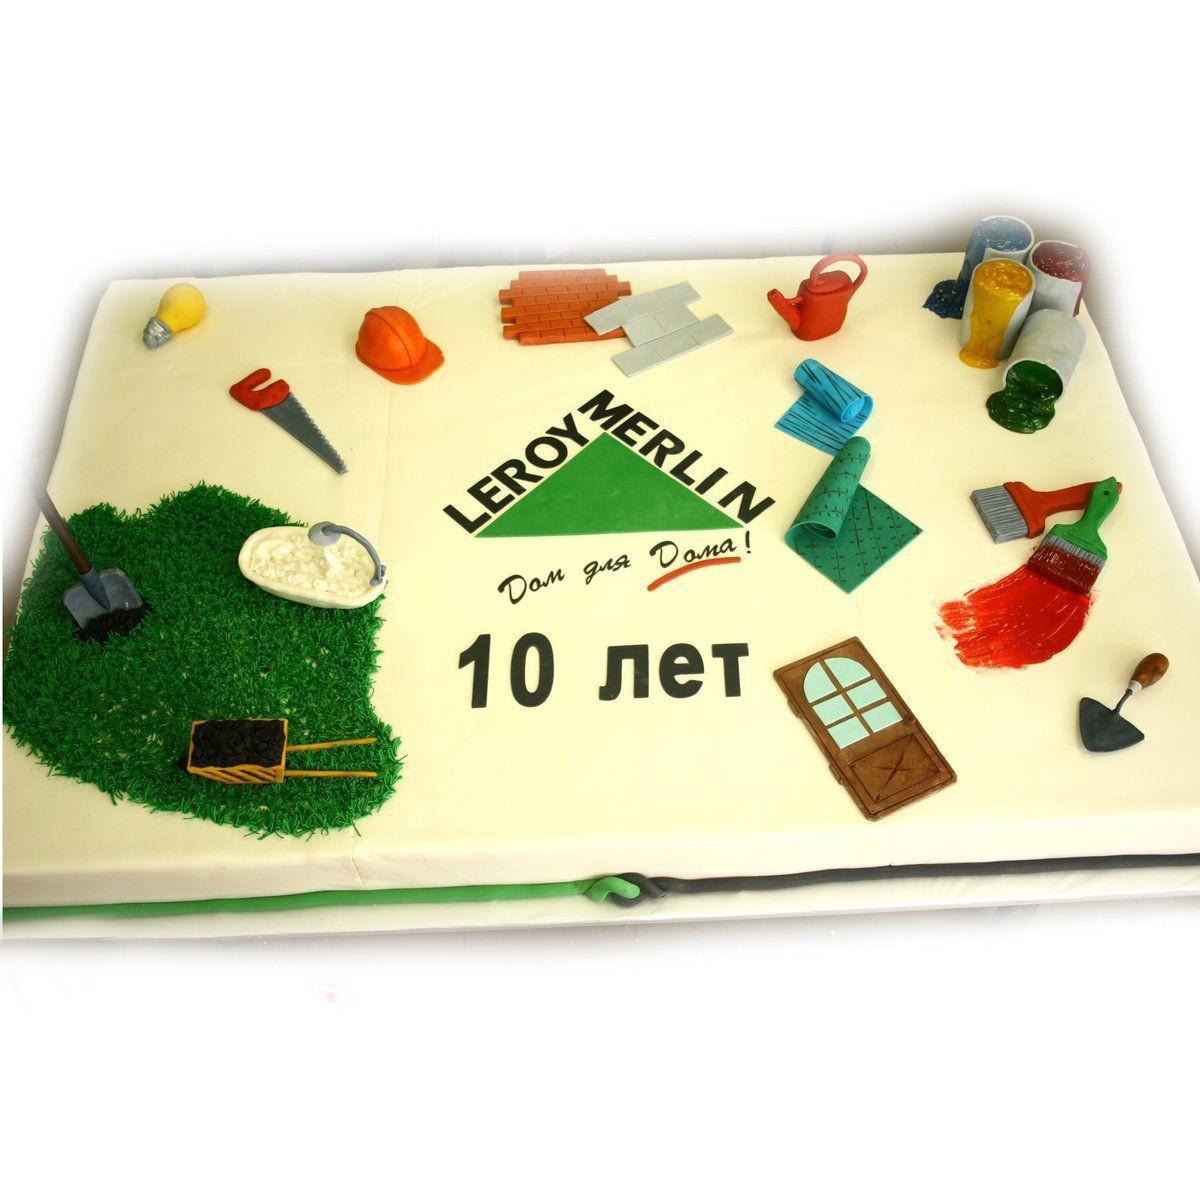 №487 Торт дом